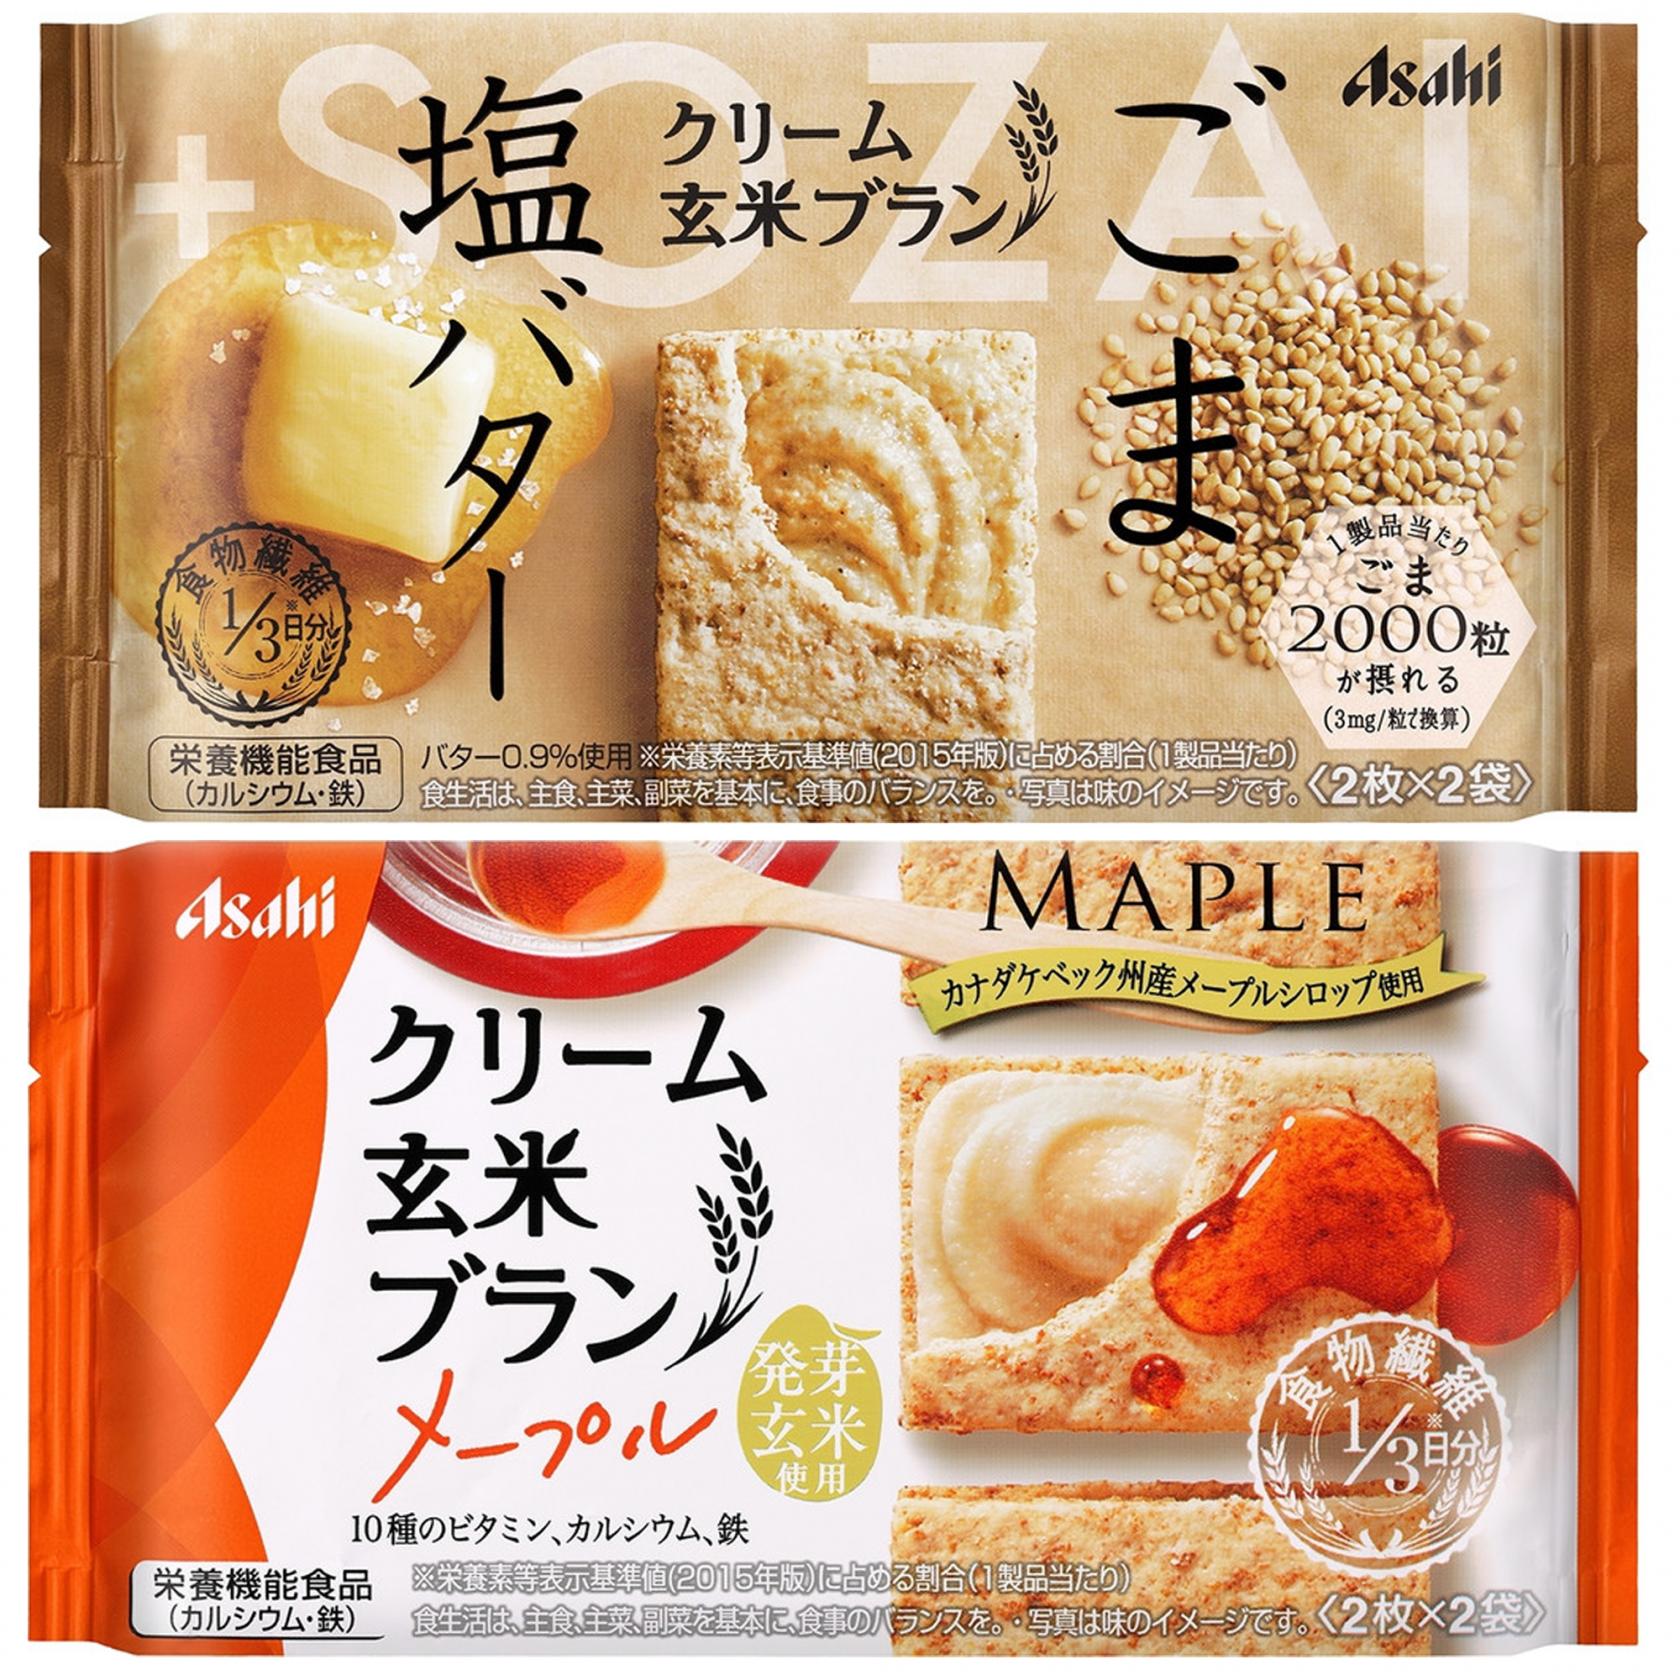 アサヒ「発酵BLEND りんご酢&カルピス」新発売♪長野産りんご果汁を贅沢に使用